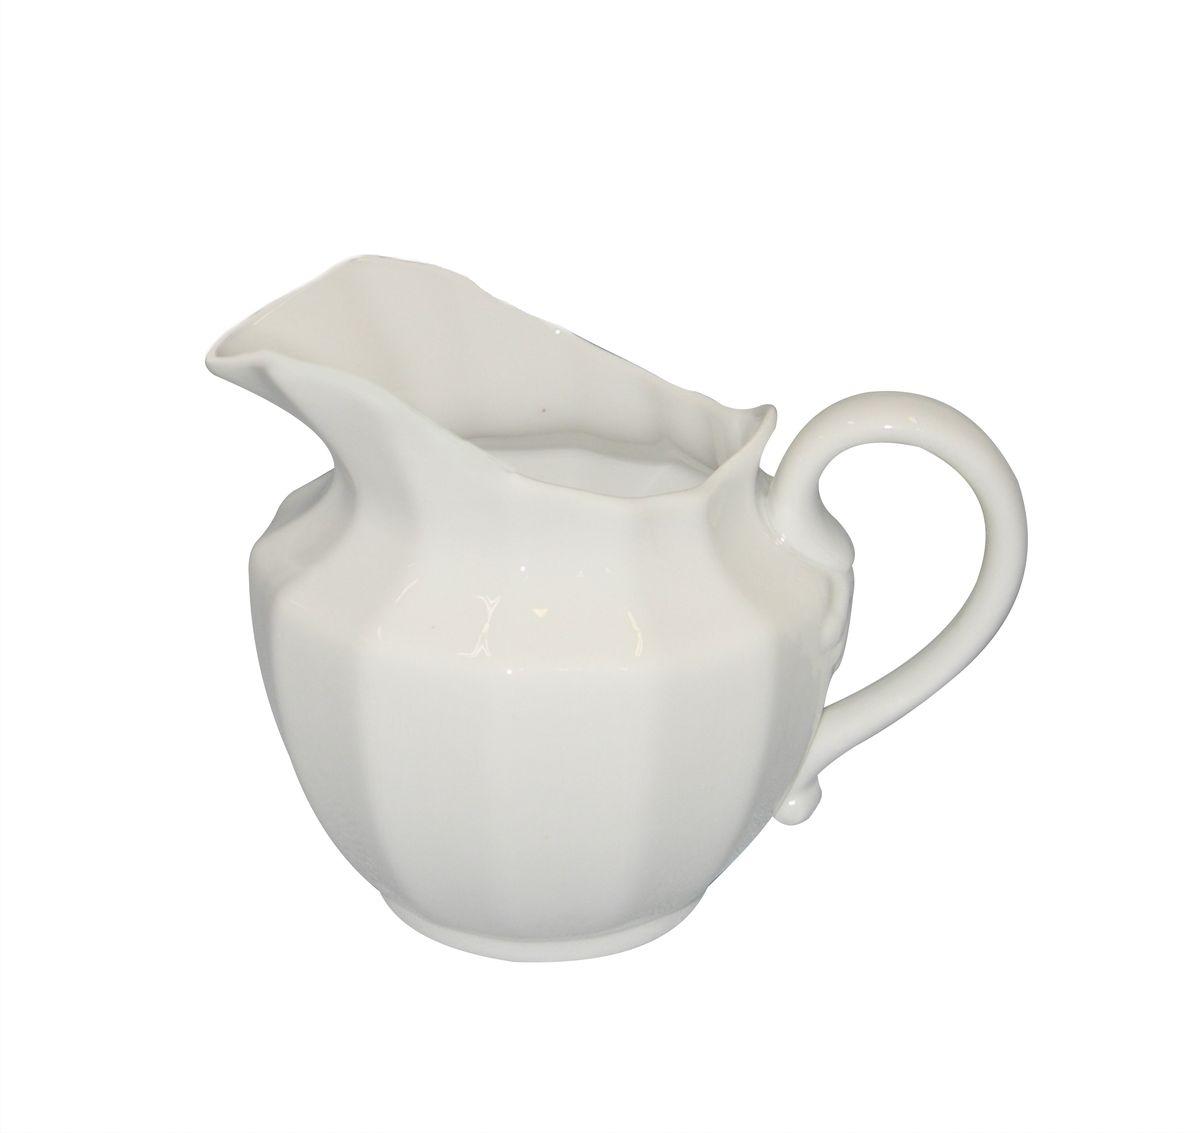 Сливочник Фарфор Вербилок. 798300Б798300БЭтот интересный вид посуды был изобретен специально для того, чтобы красиво и аппетитно подавать на стол сливки или молоко к чаю, кофе, супу или фруктам.